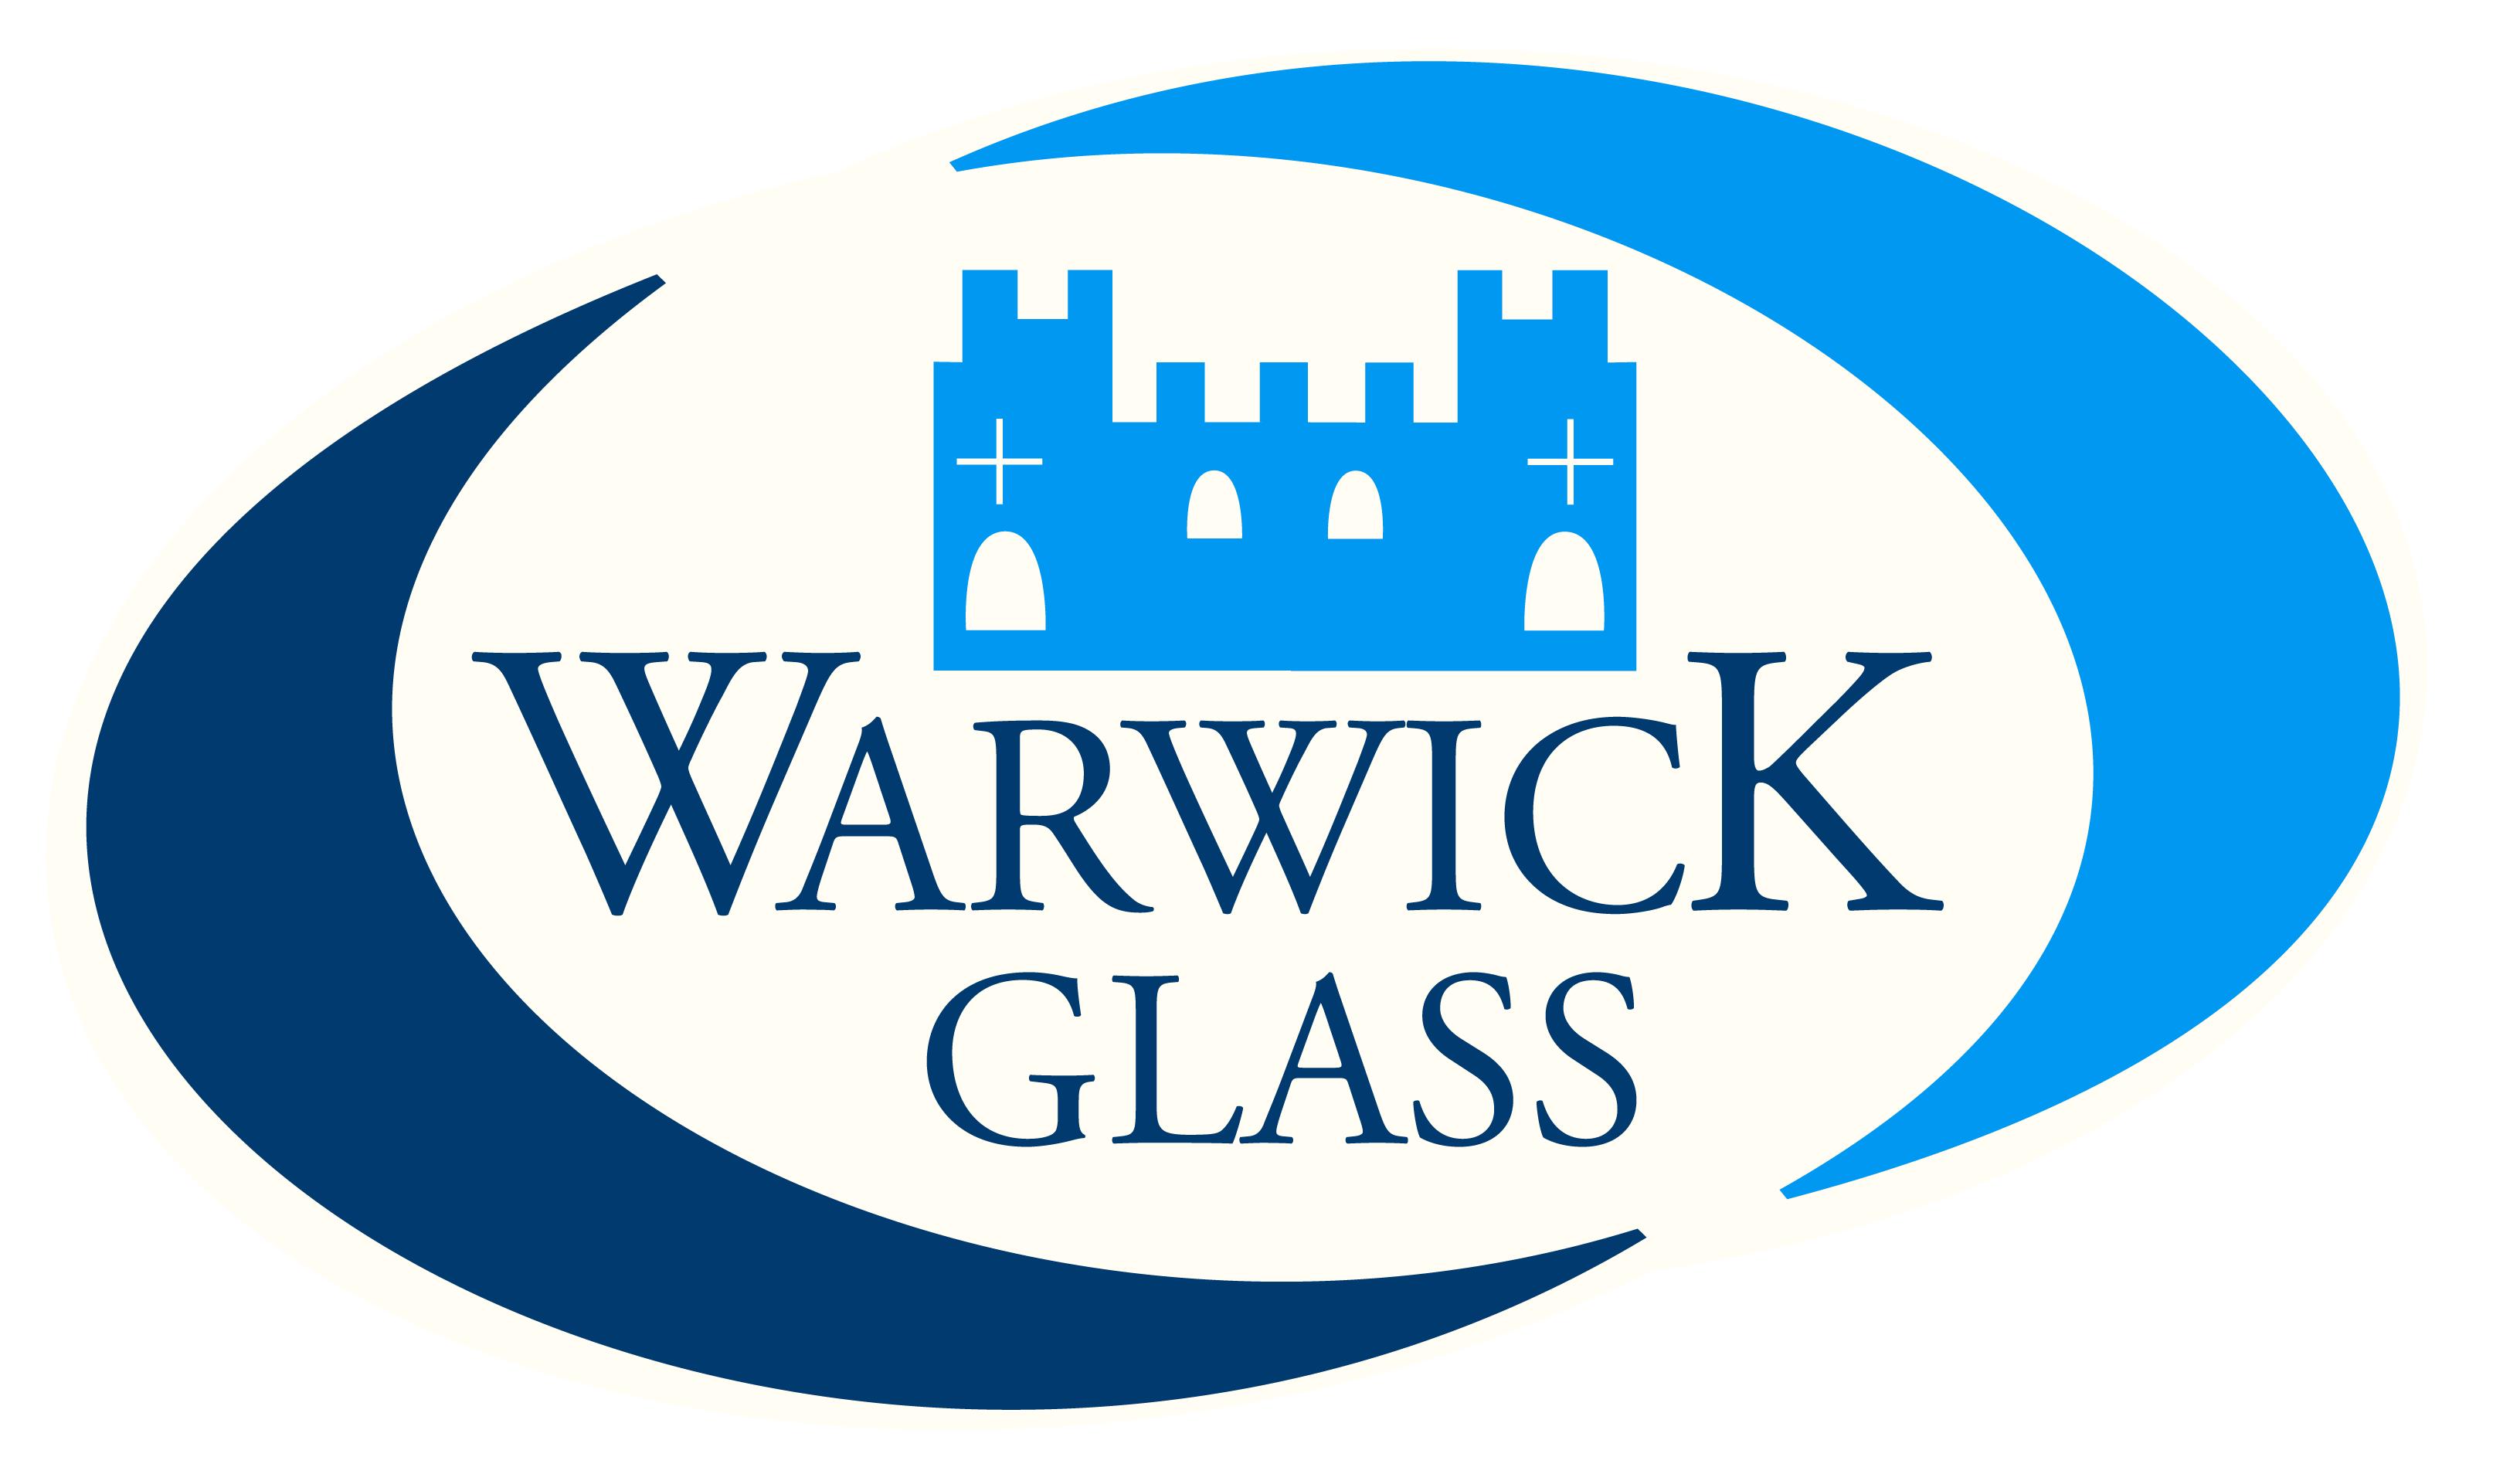 Double Glazing, Warwick | Double Glazing Prices, Warwickshire